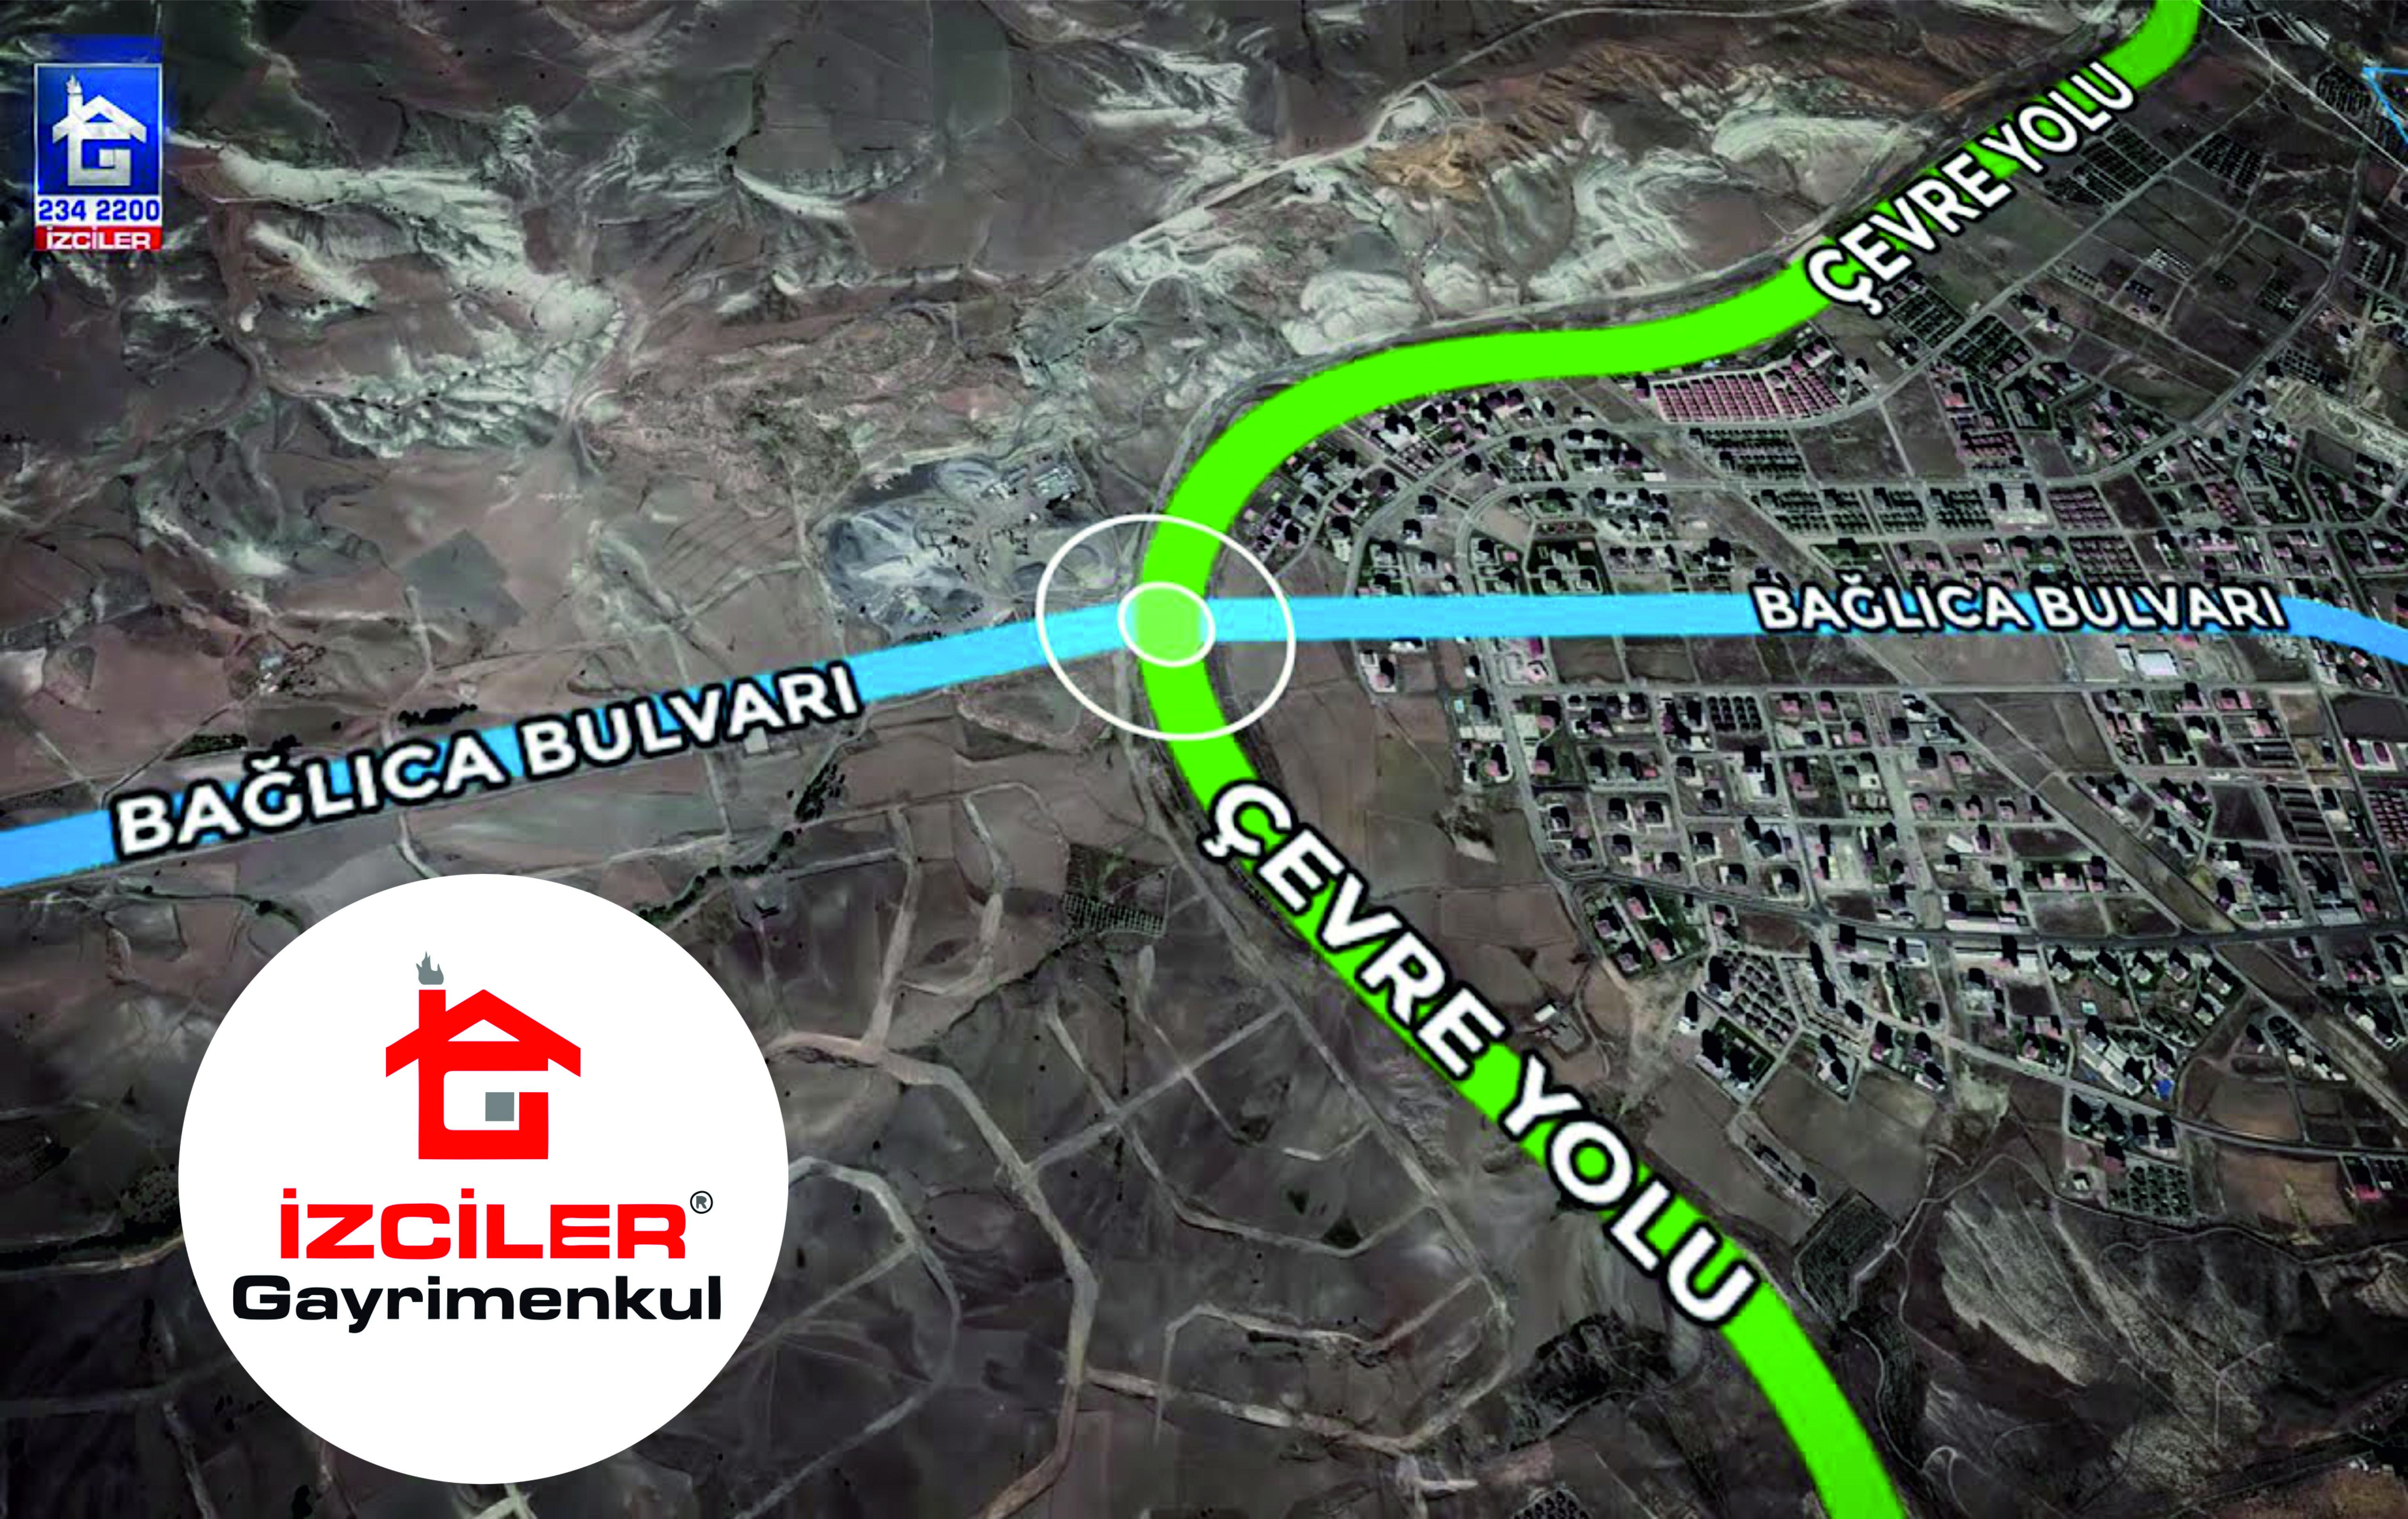 Yapımına 2019 yılında başlanan Çevre yolu inşaatına kaldığı yerden devam edilmektedir.